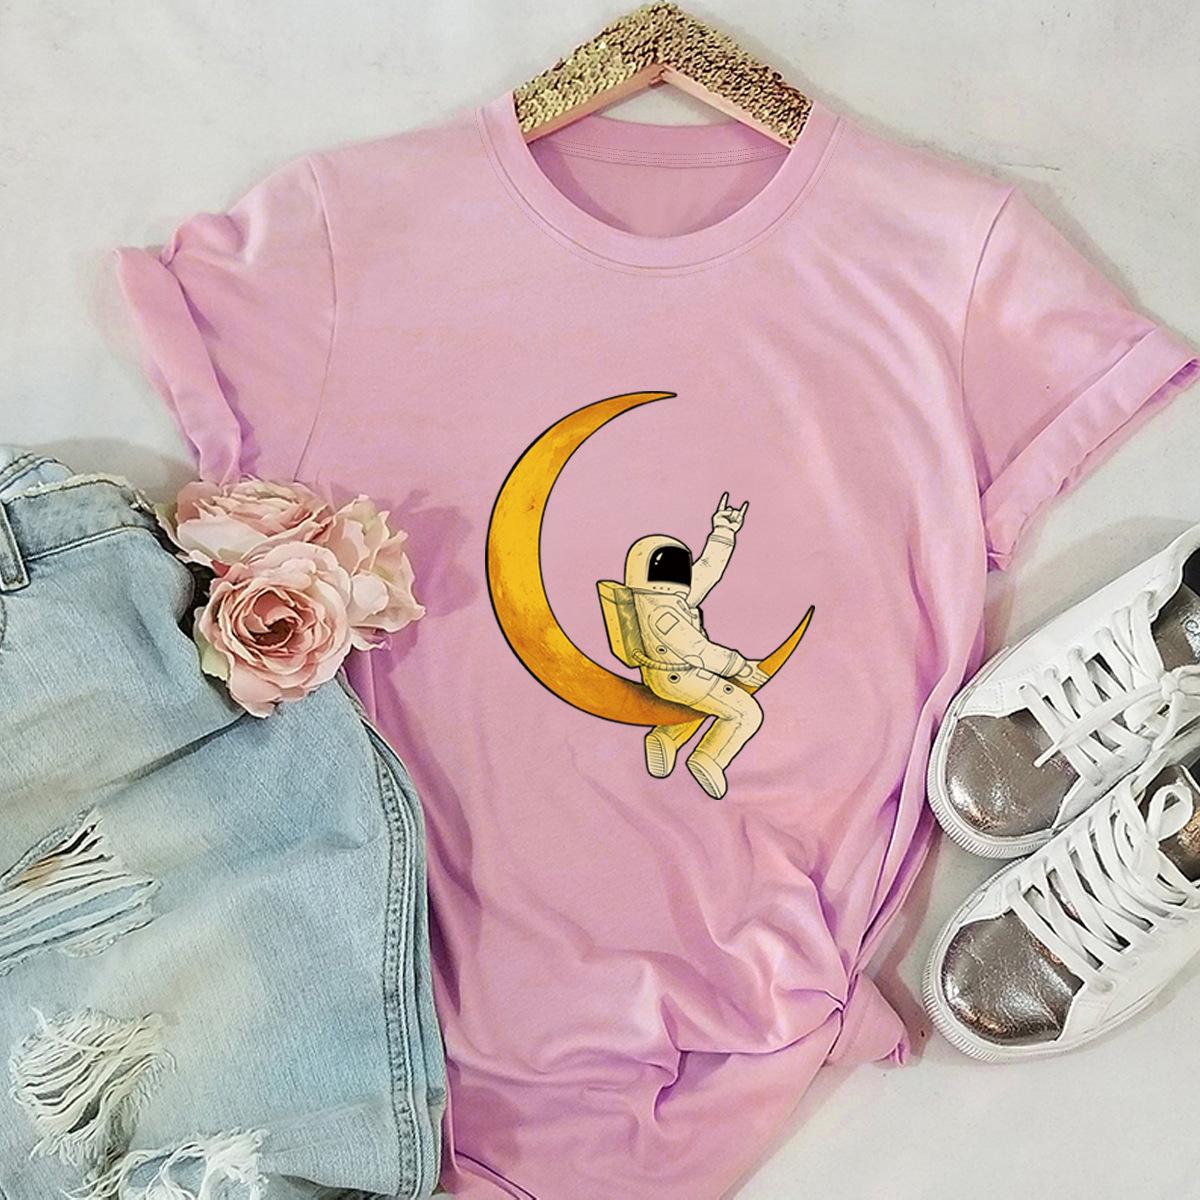 astronaut star print cotton short-sleeved t-shirt women NSSN2682